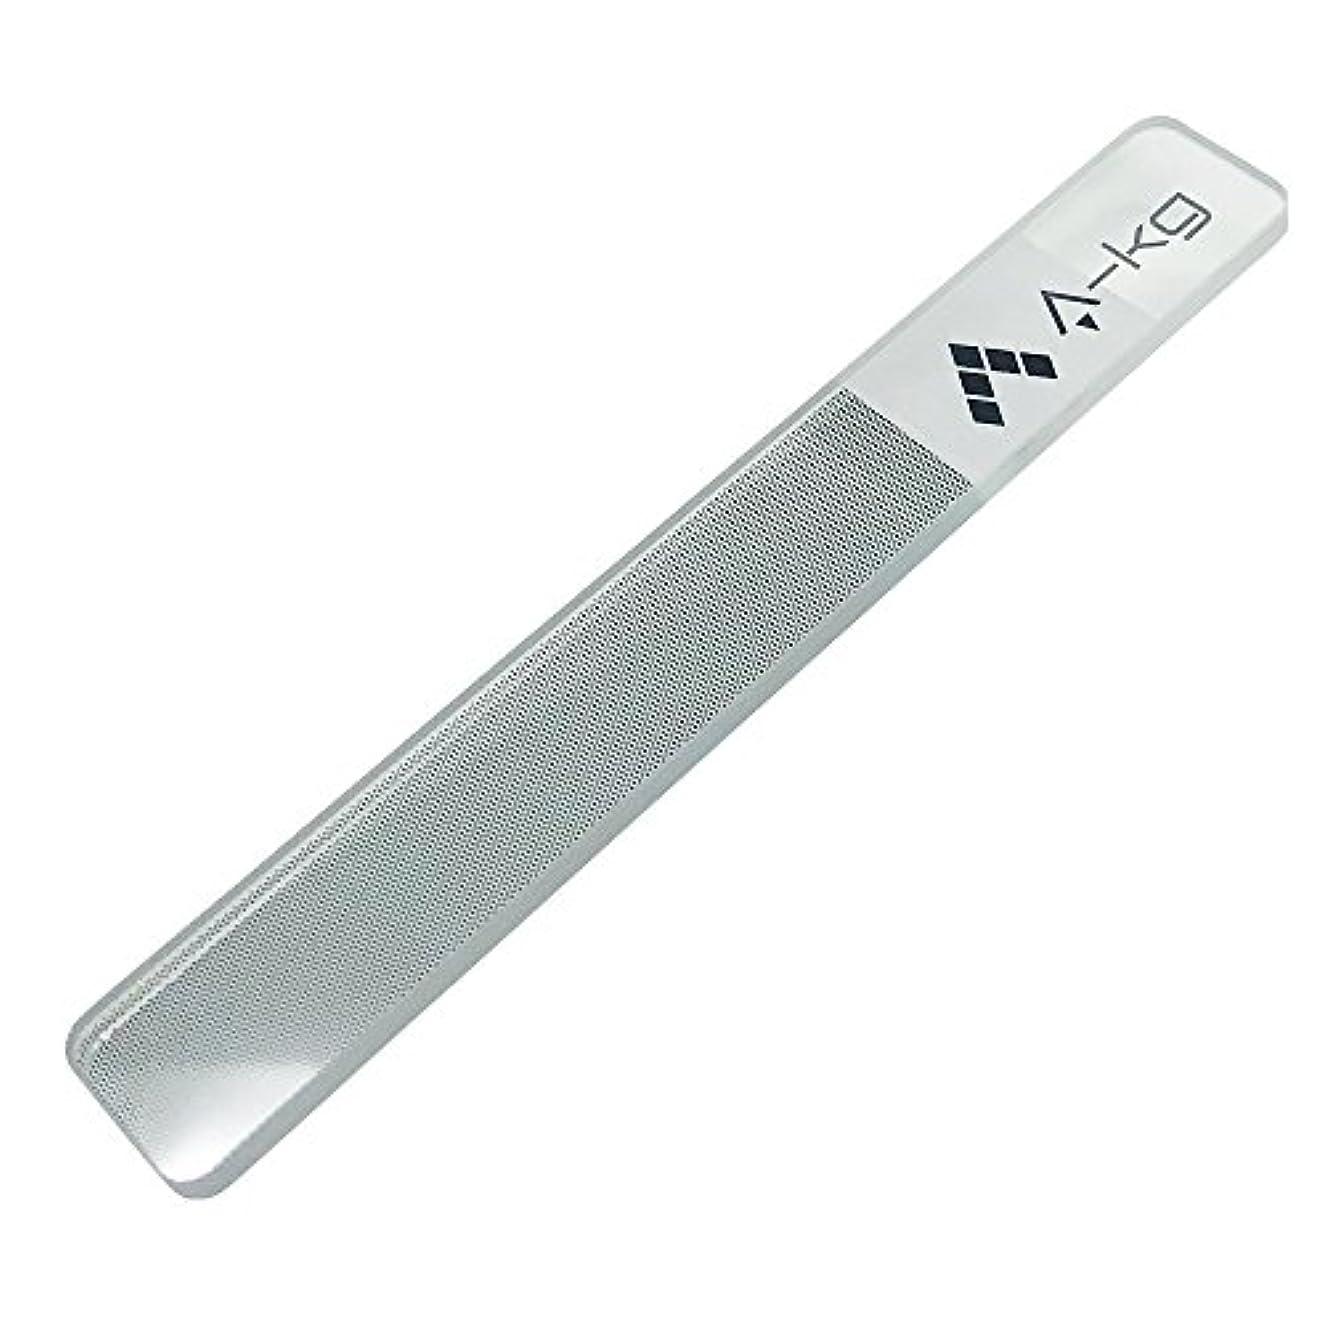 近似柔らかい無意識A-KG ネイル ラスター ガラス 爪磨き 爪仕上げ 爪やすり ツヤ出し ガラス製 (白抜きLOGO)